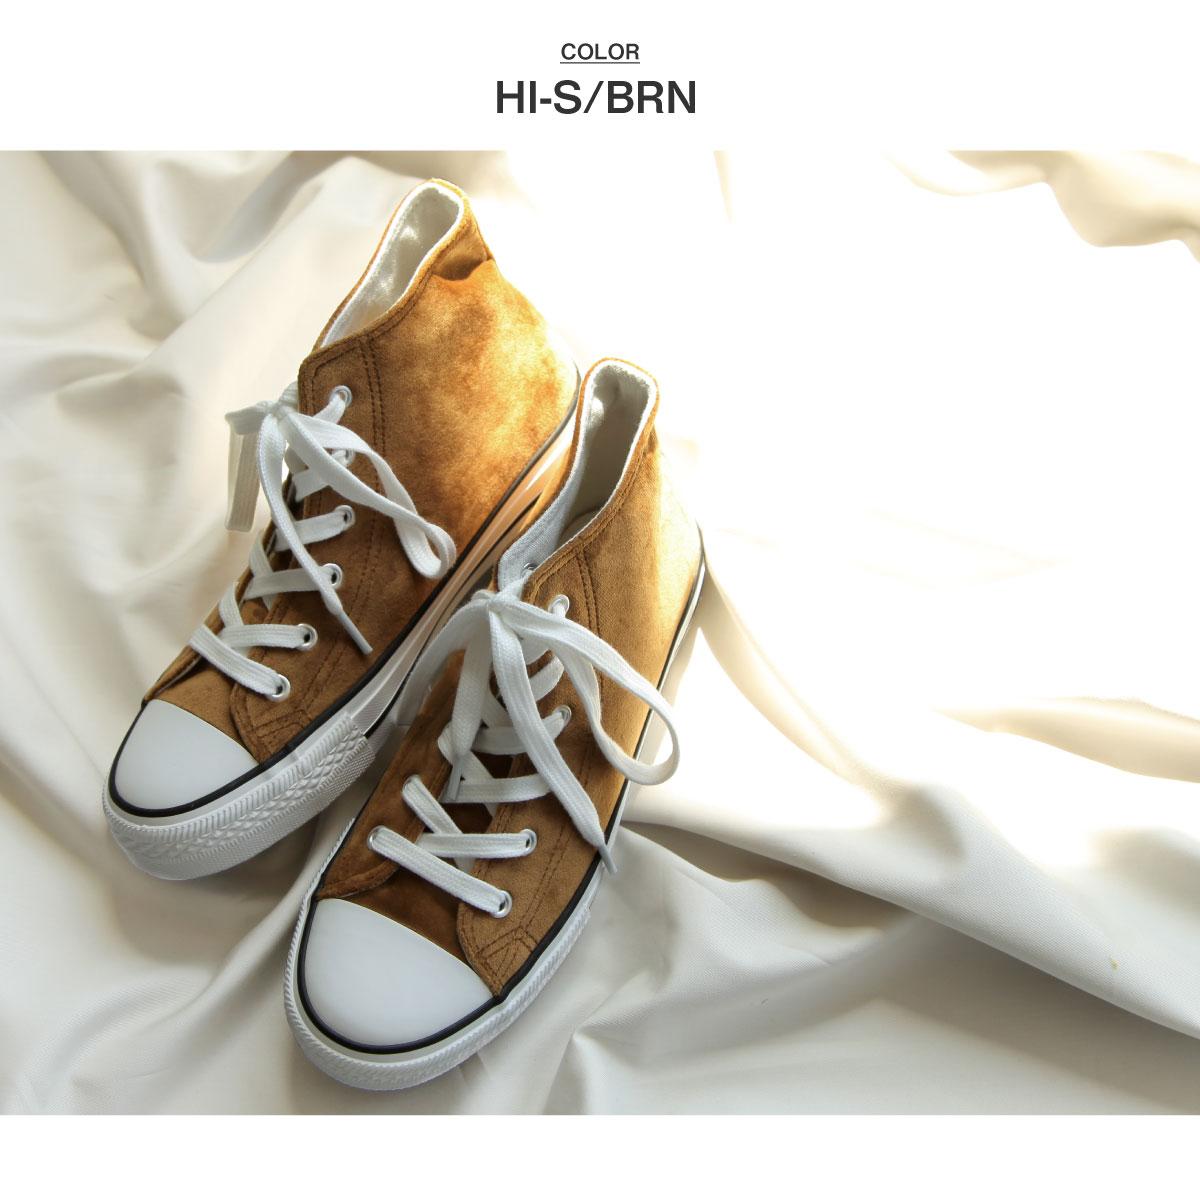 【New】ZIP FIVE絨革高筒布鞋 7